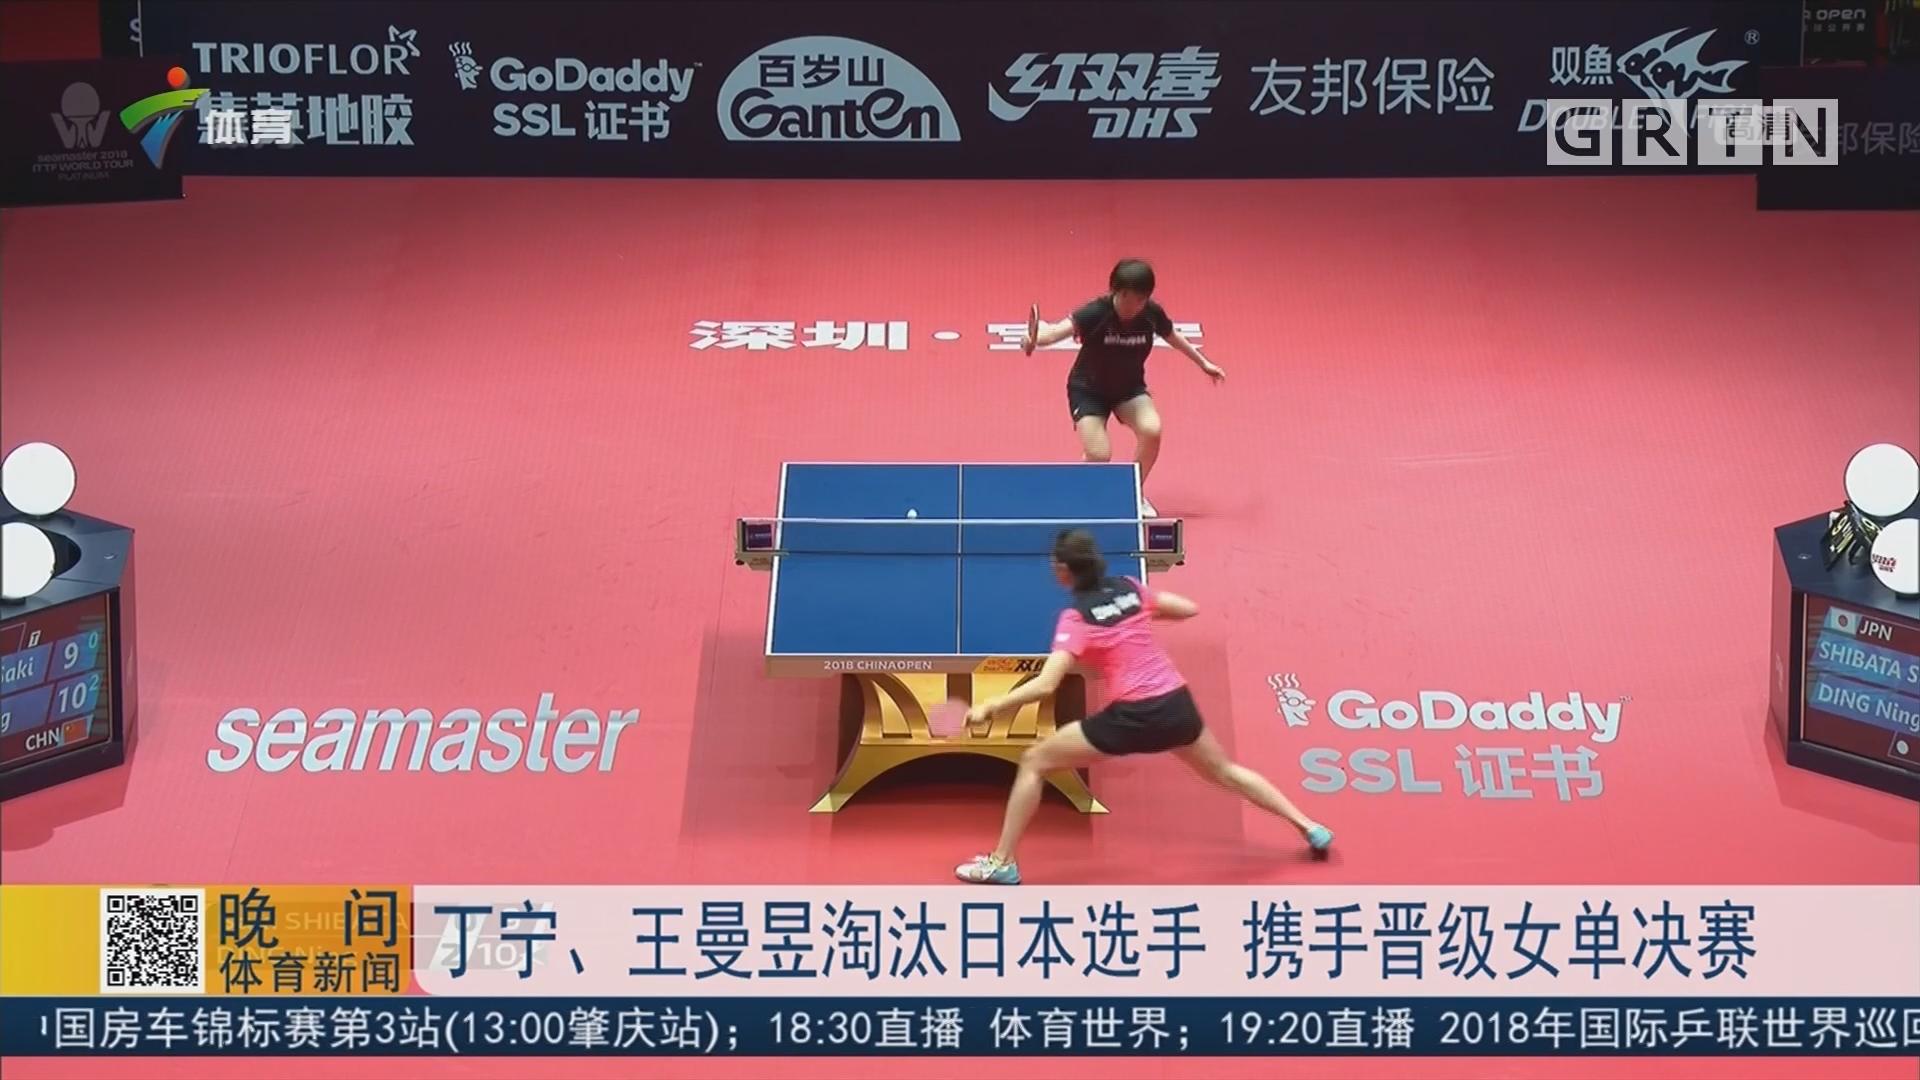 丁宁、王曼昱淘汰日本选手 携手晋级女单决赛